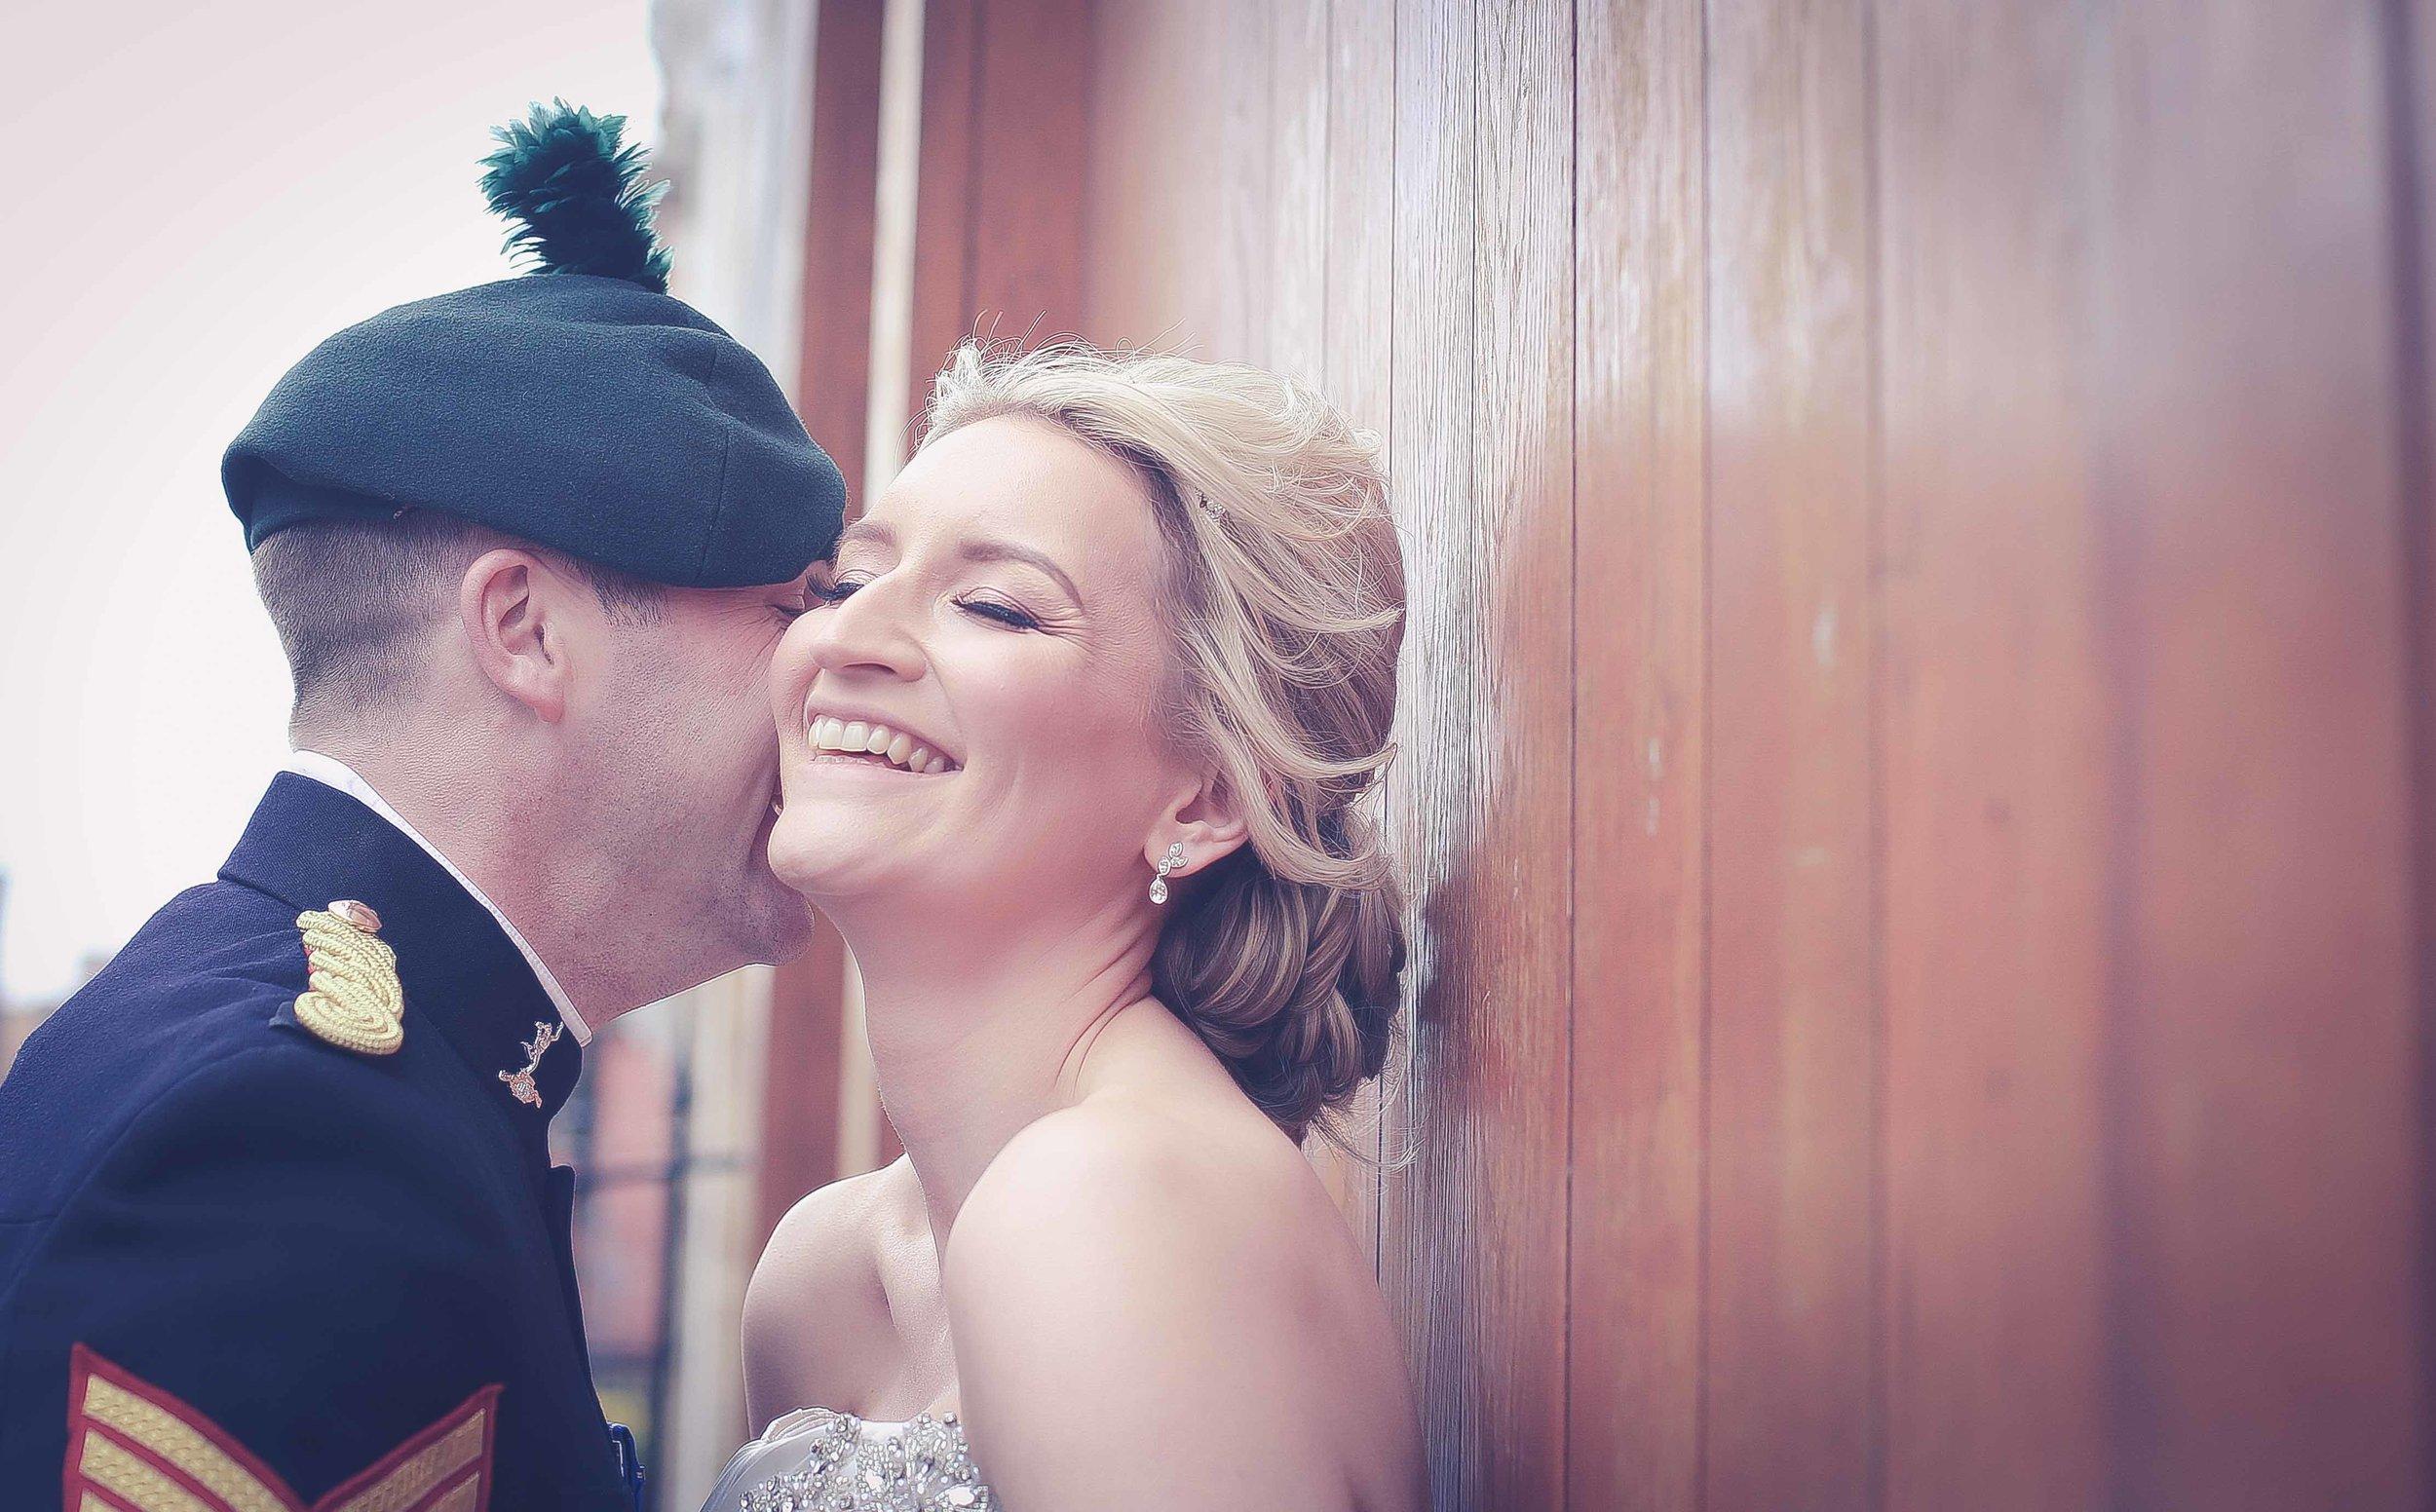 Weddings at the hope street hotel (1 of 1)-3.jpg